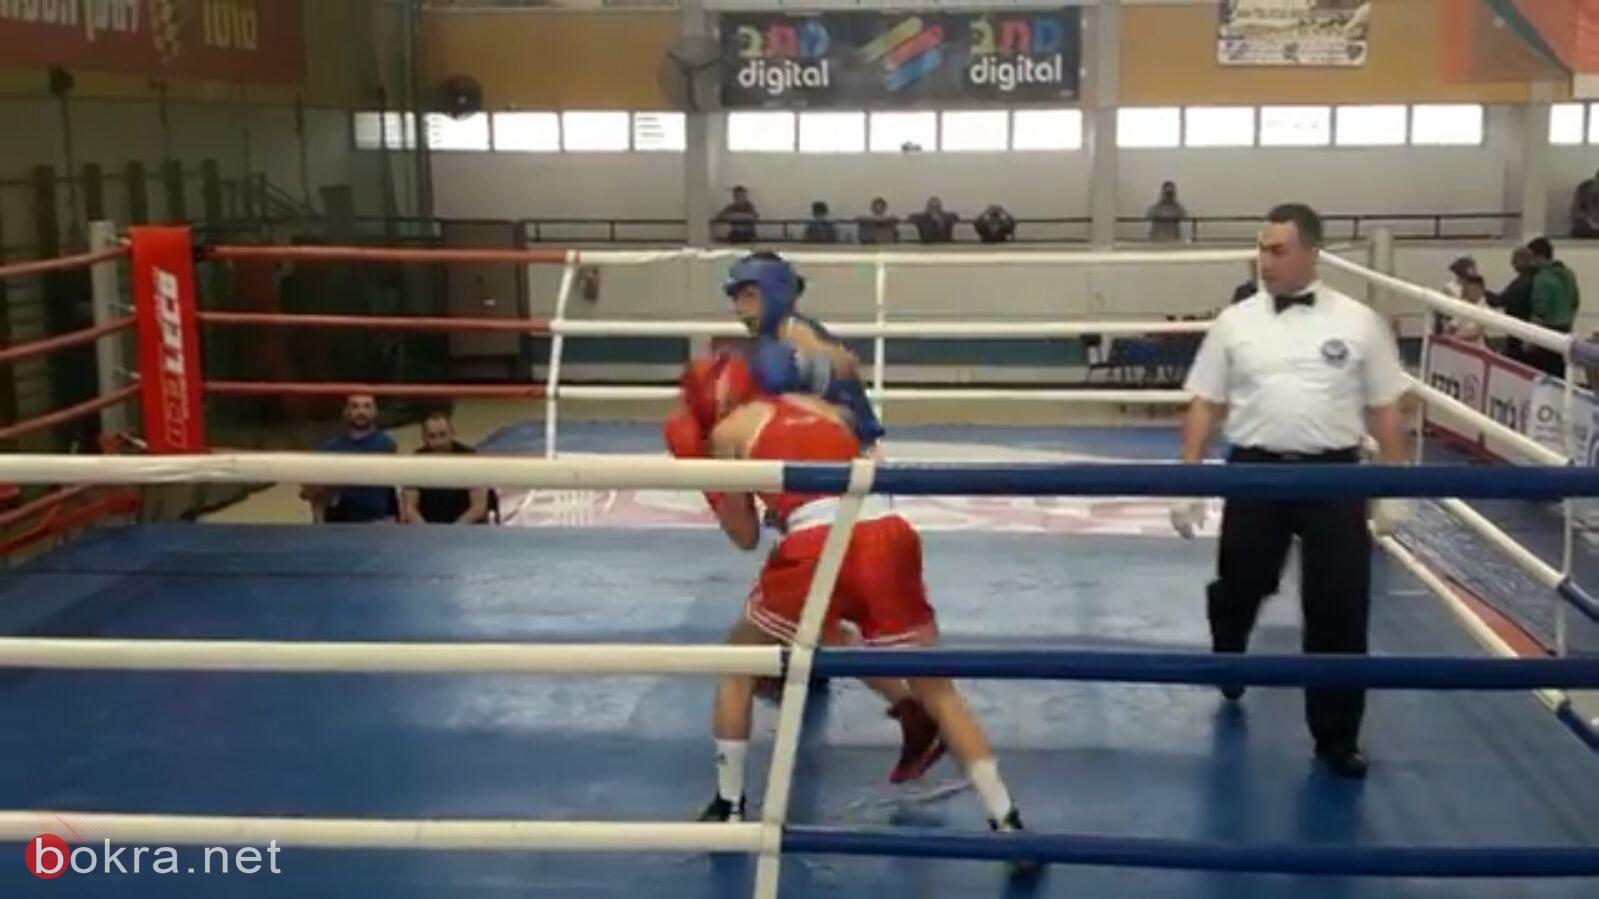 اللد: للمرة الرابعة صافي شعبان يفوز ببطولة البلاد في الملاكمة